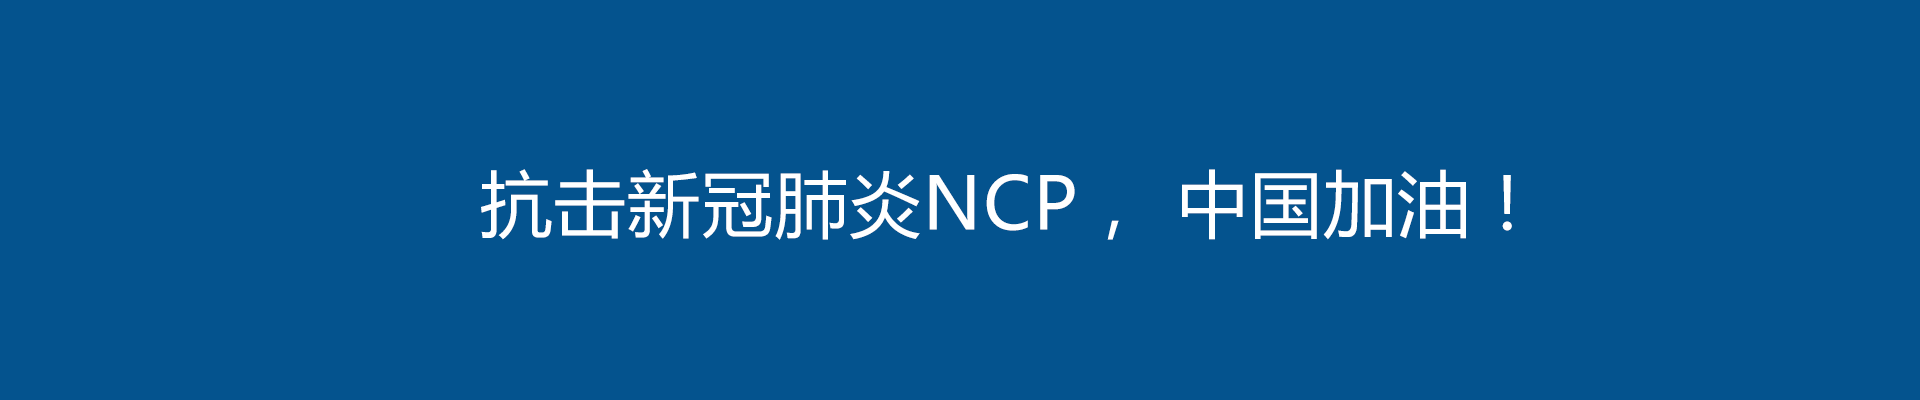 抗击NCP